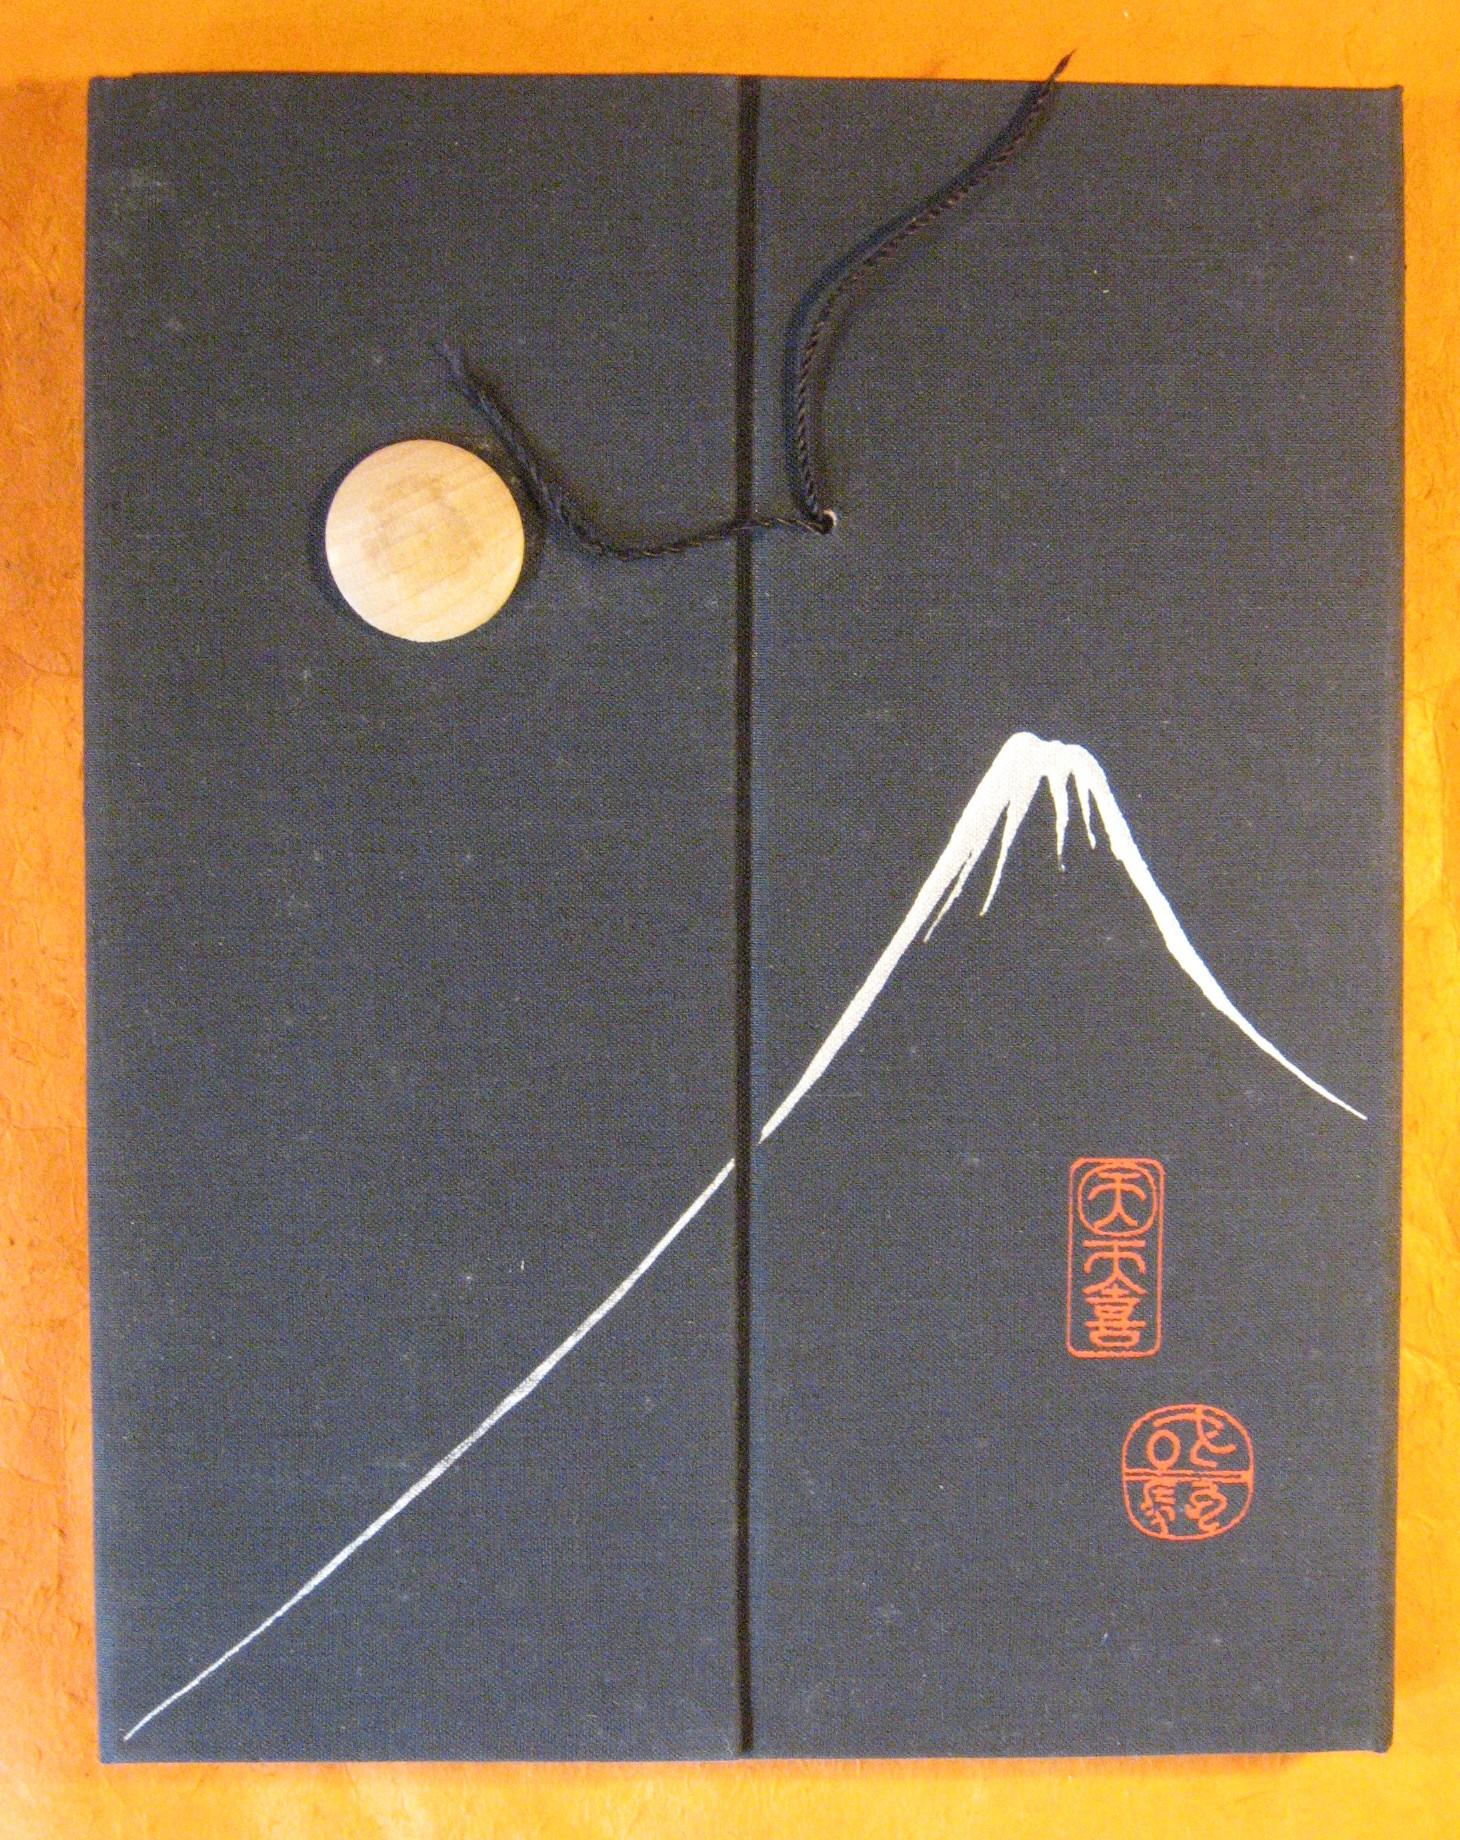 Osaka Woodcuts, The